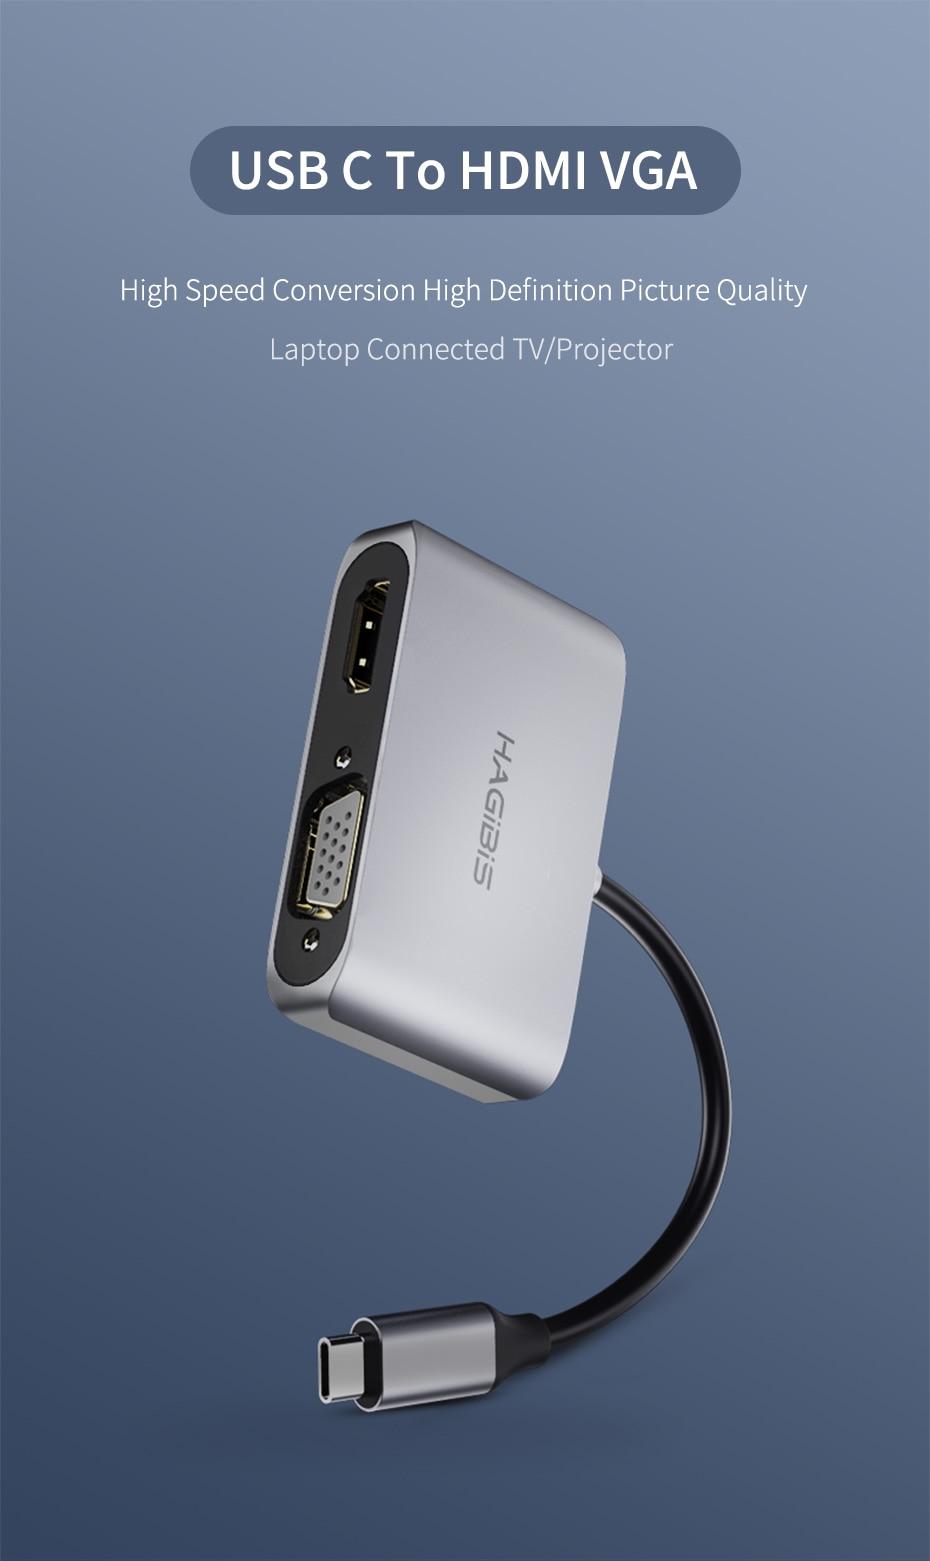 USB C to HDMI VGA 1